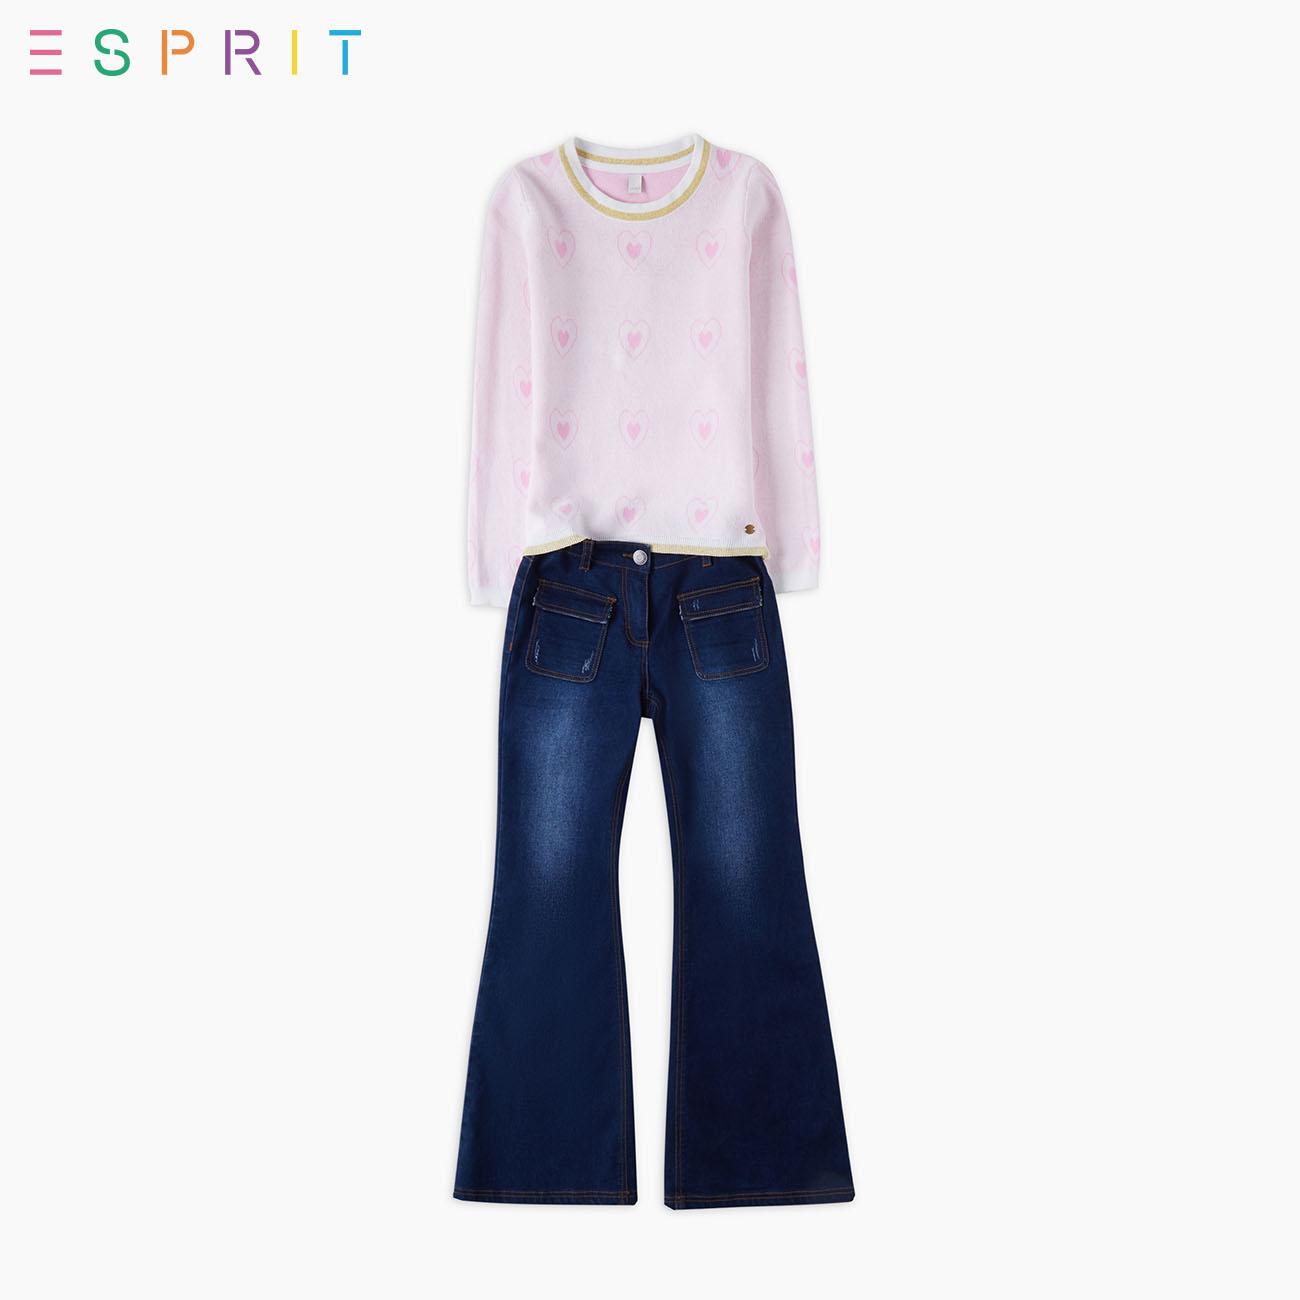 ESPRIT/ ангстрем этот плимут специальный doppel hertz длинный рукавов модель девочки хеджирование свитер -XK2K0348